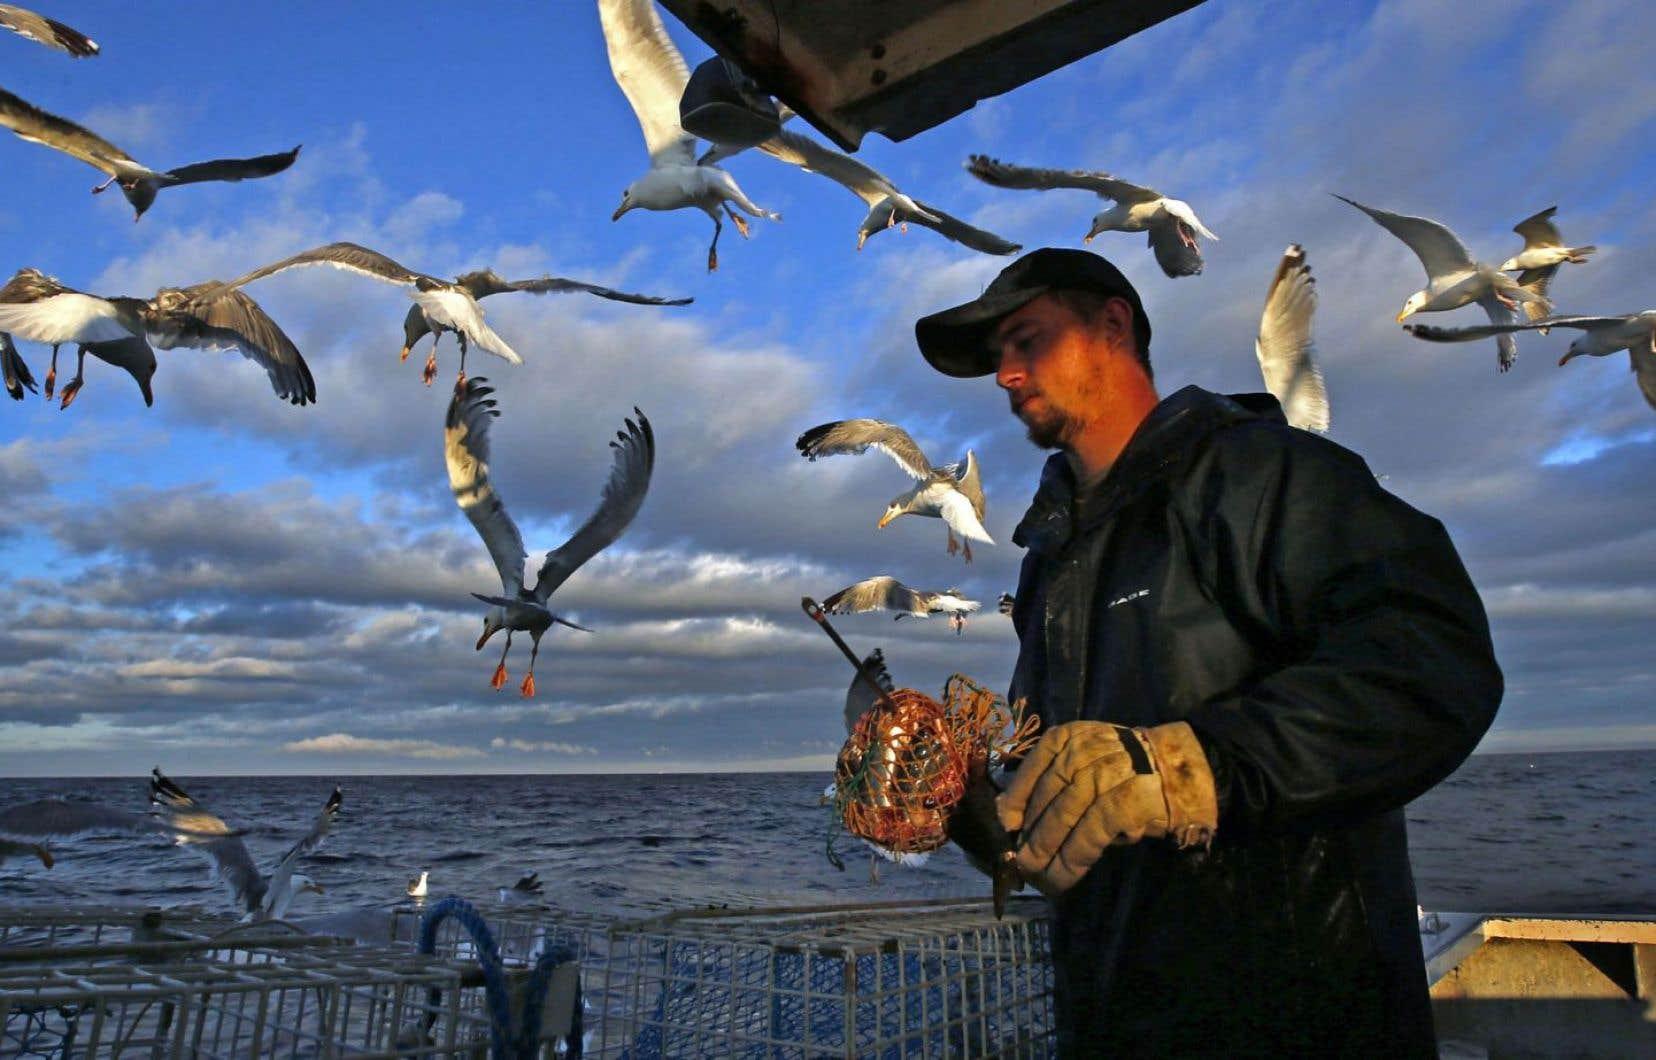 Pêche dans le Maine. Si l'interdiction est décrétée, le Canada et les États-Unis pourraient perdre 200millions en transactions.